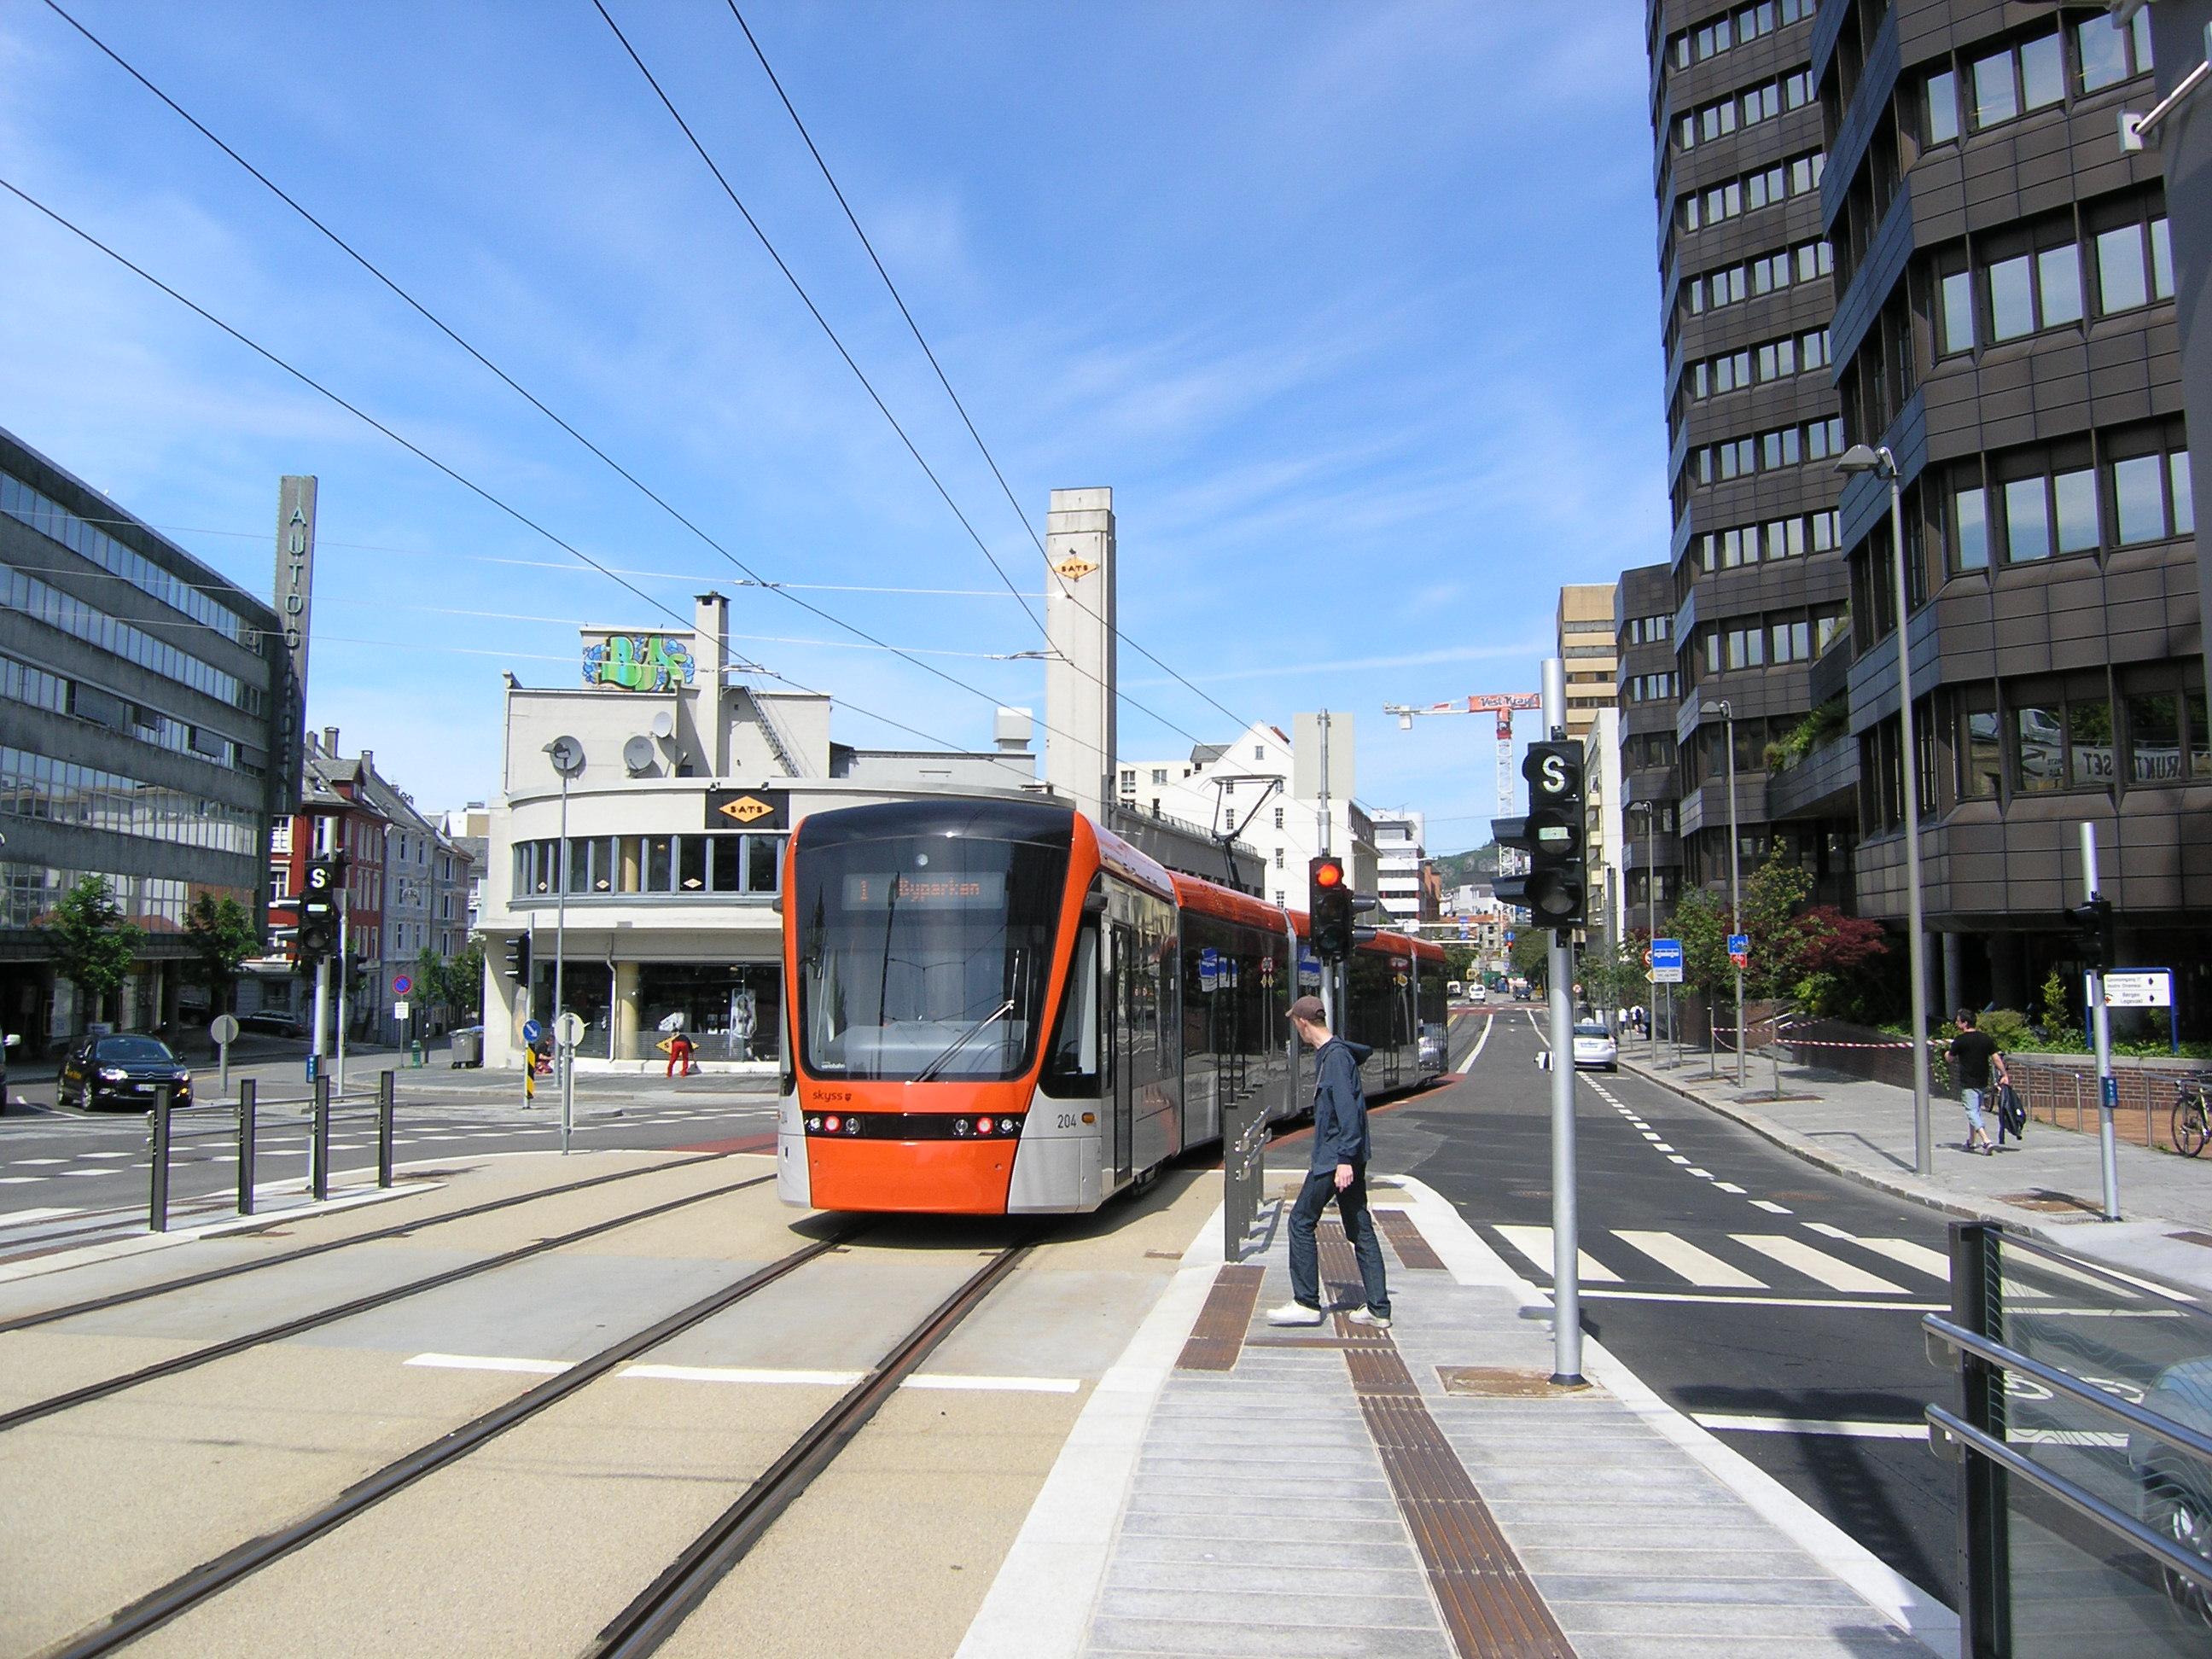 Bergenin uusi raitiotie